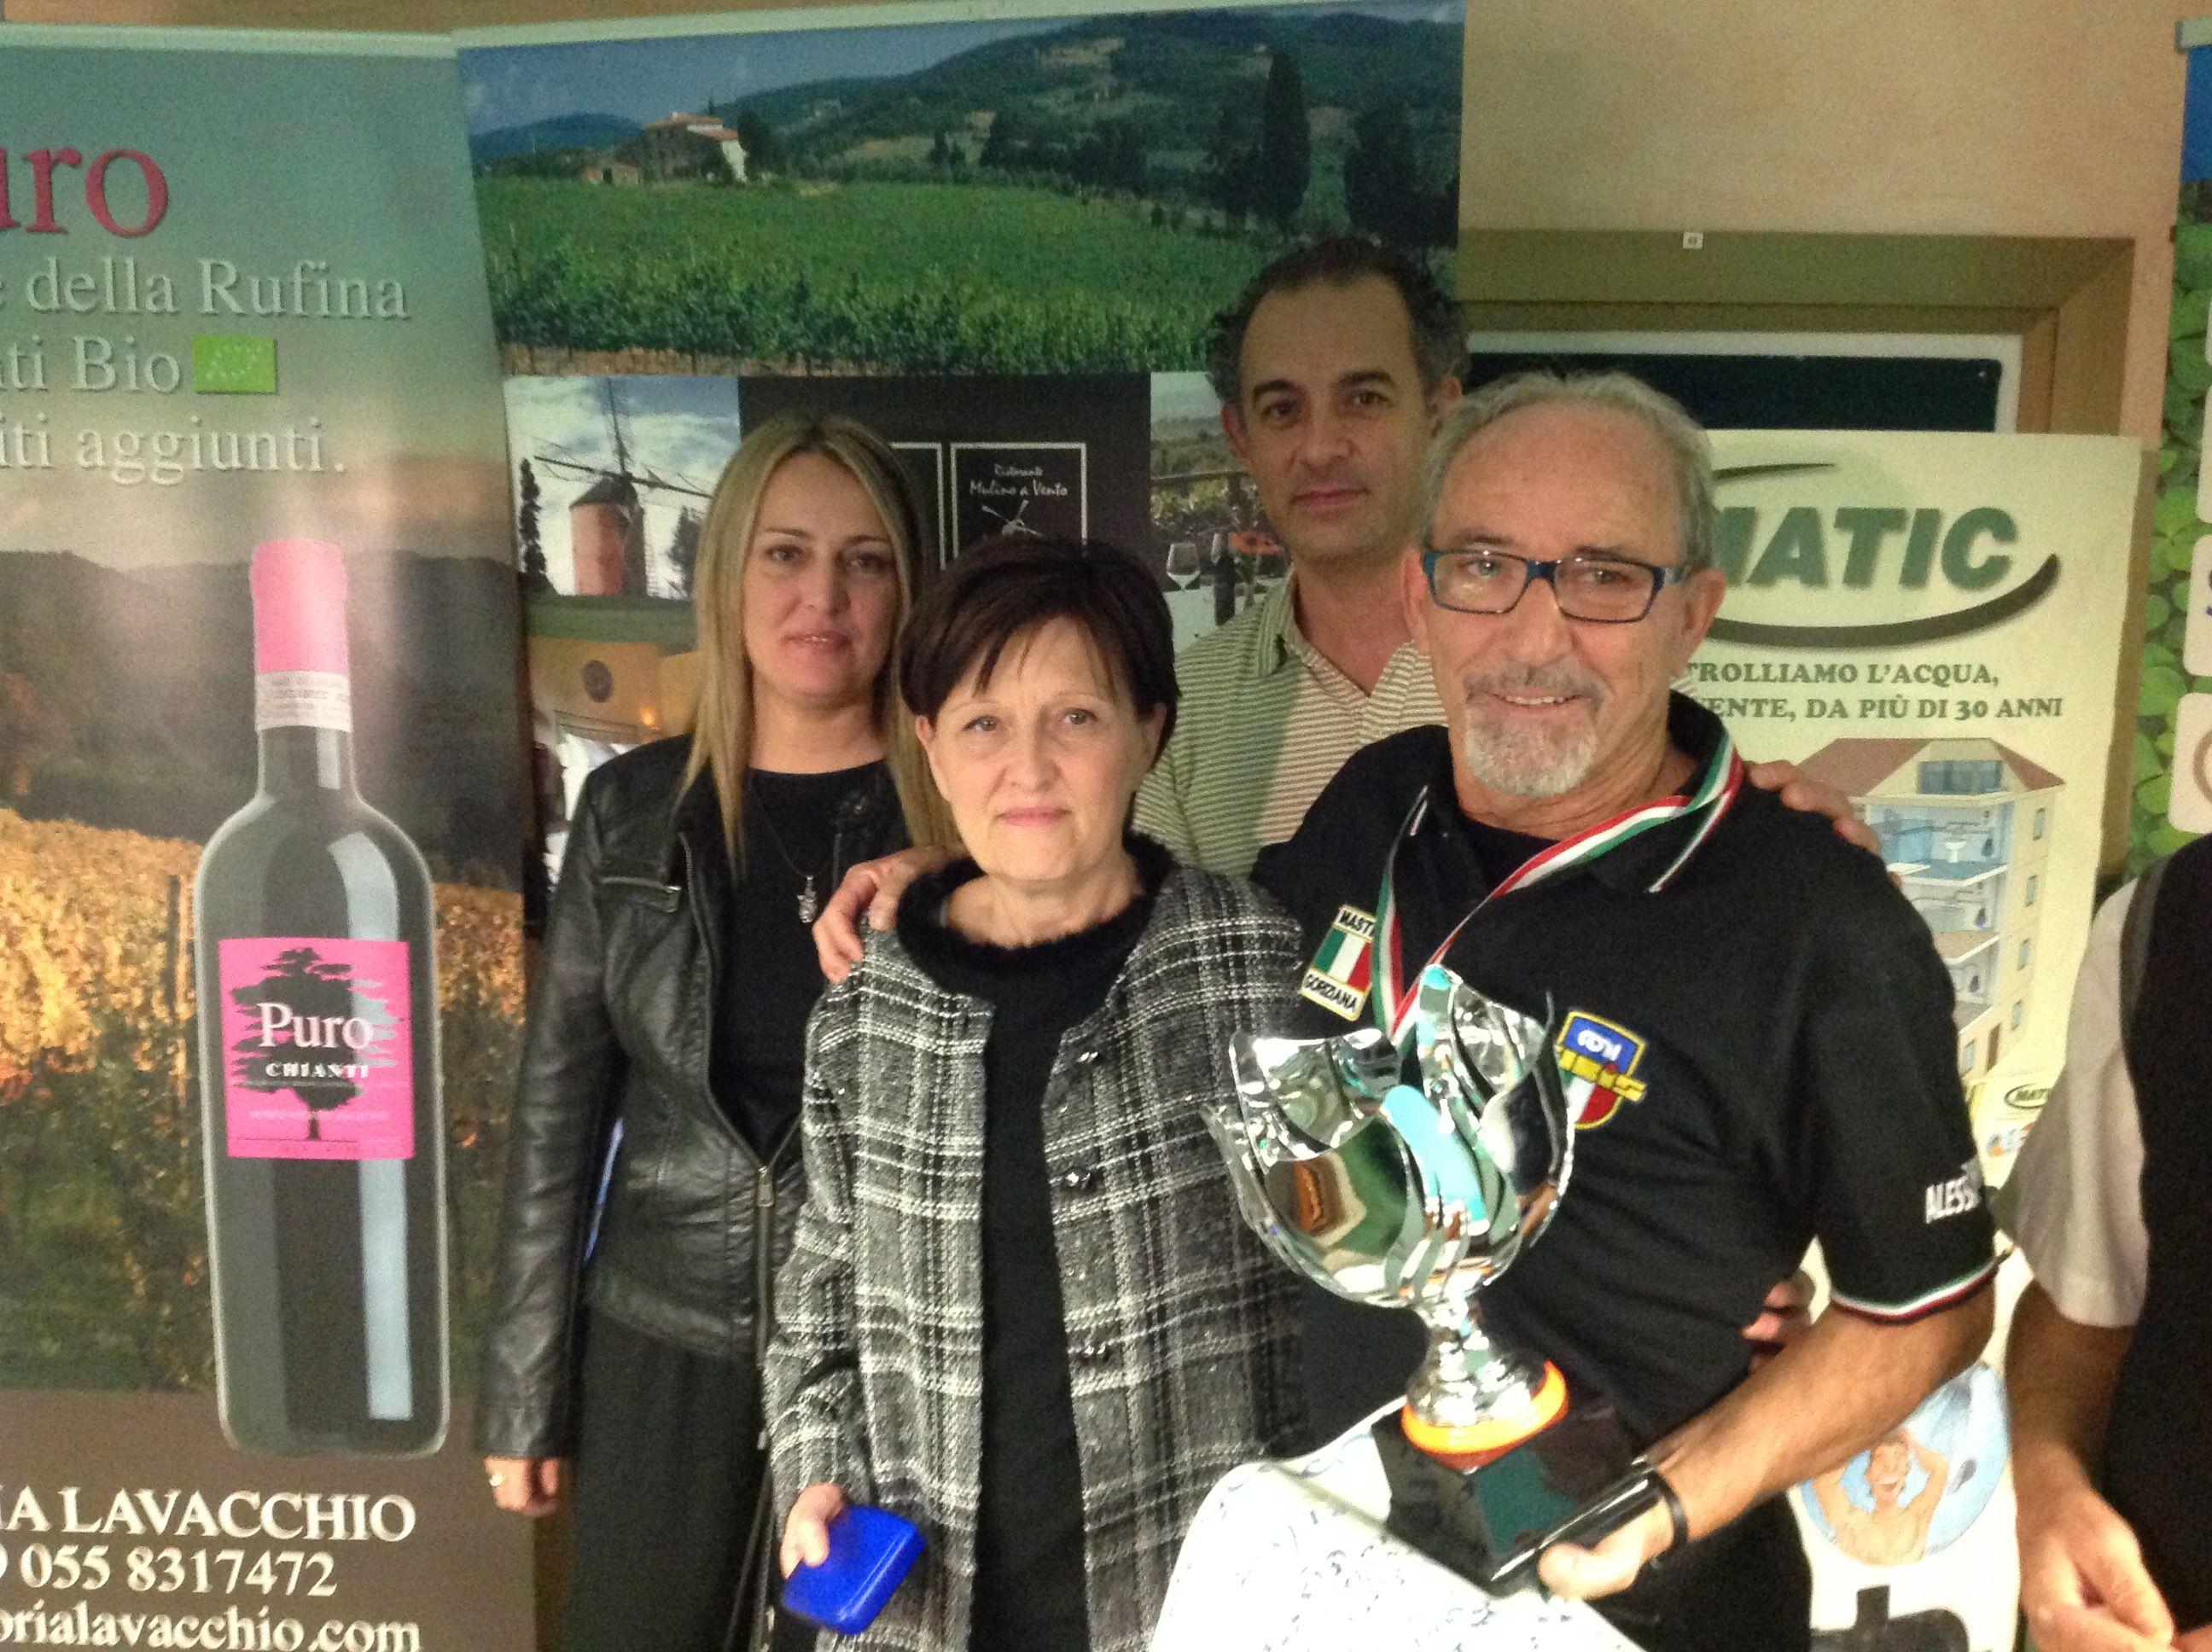 2° classificato Alessandrini Pier Giorgio con i famigliari di Tonino Falchetti e il titolare Giannoni Stefano